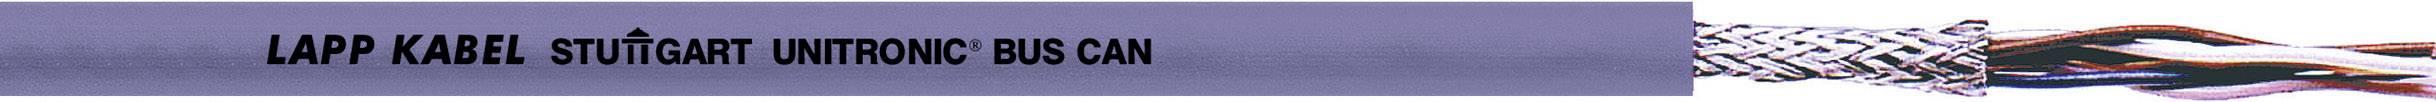 Zbernicový kábel LappKabel UNITRONIC® BUS 2170267, vnější Ø 9.60 mm, fialová, metrový tovar